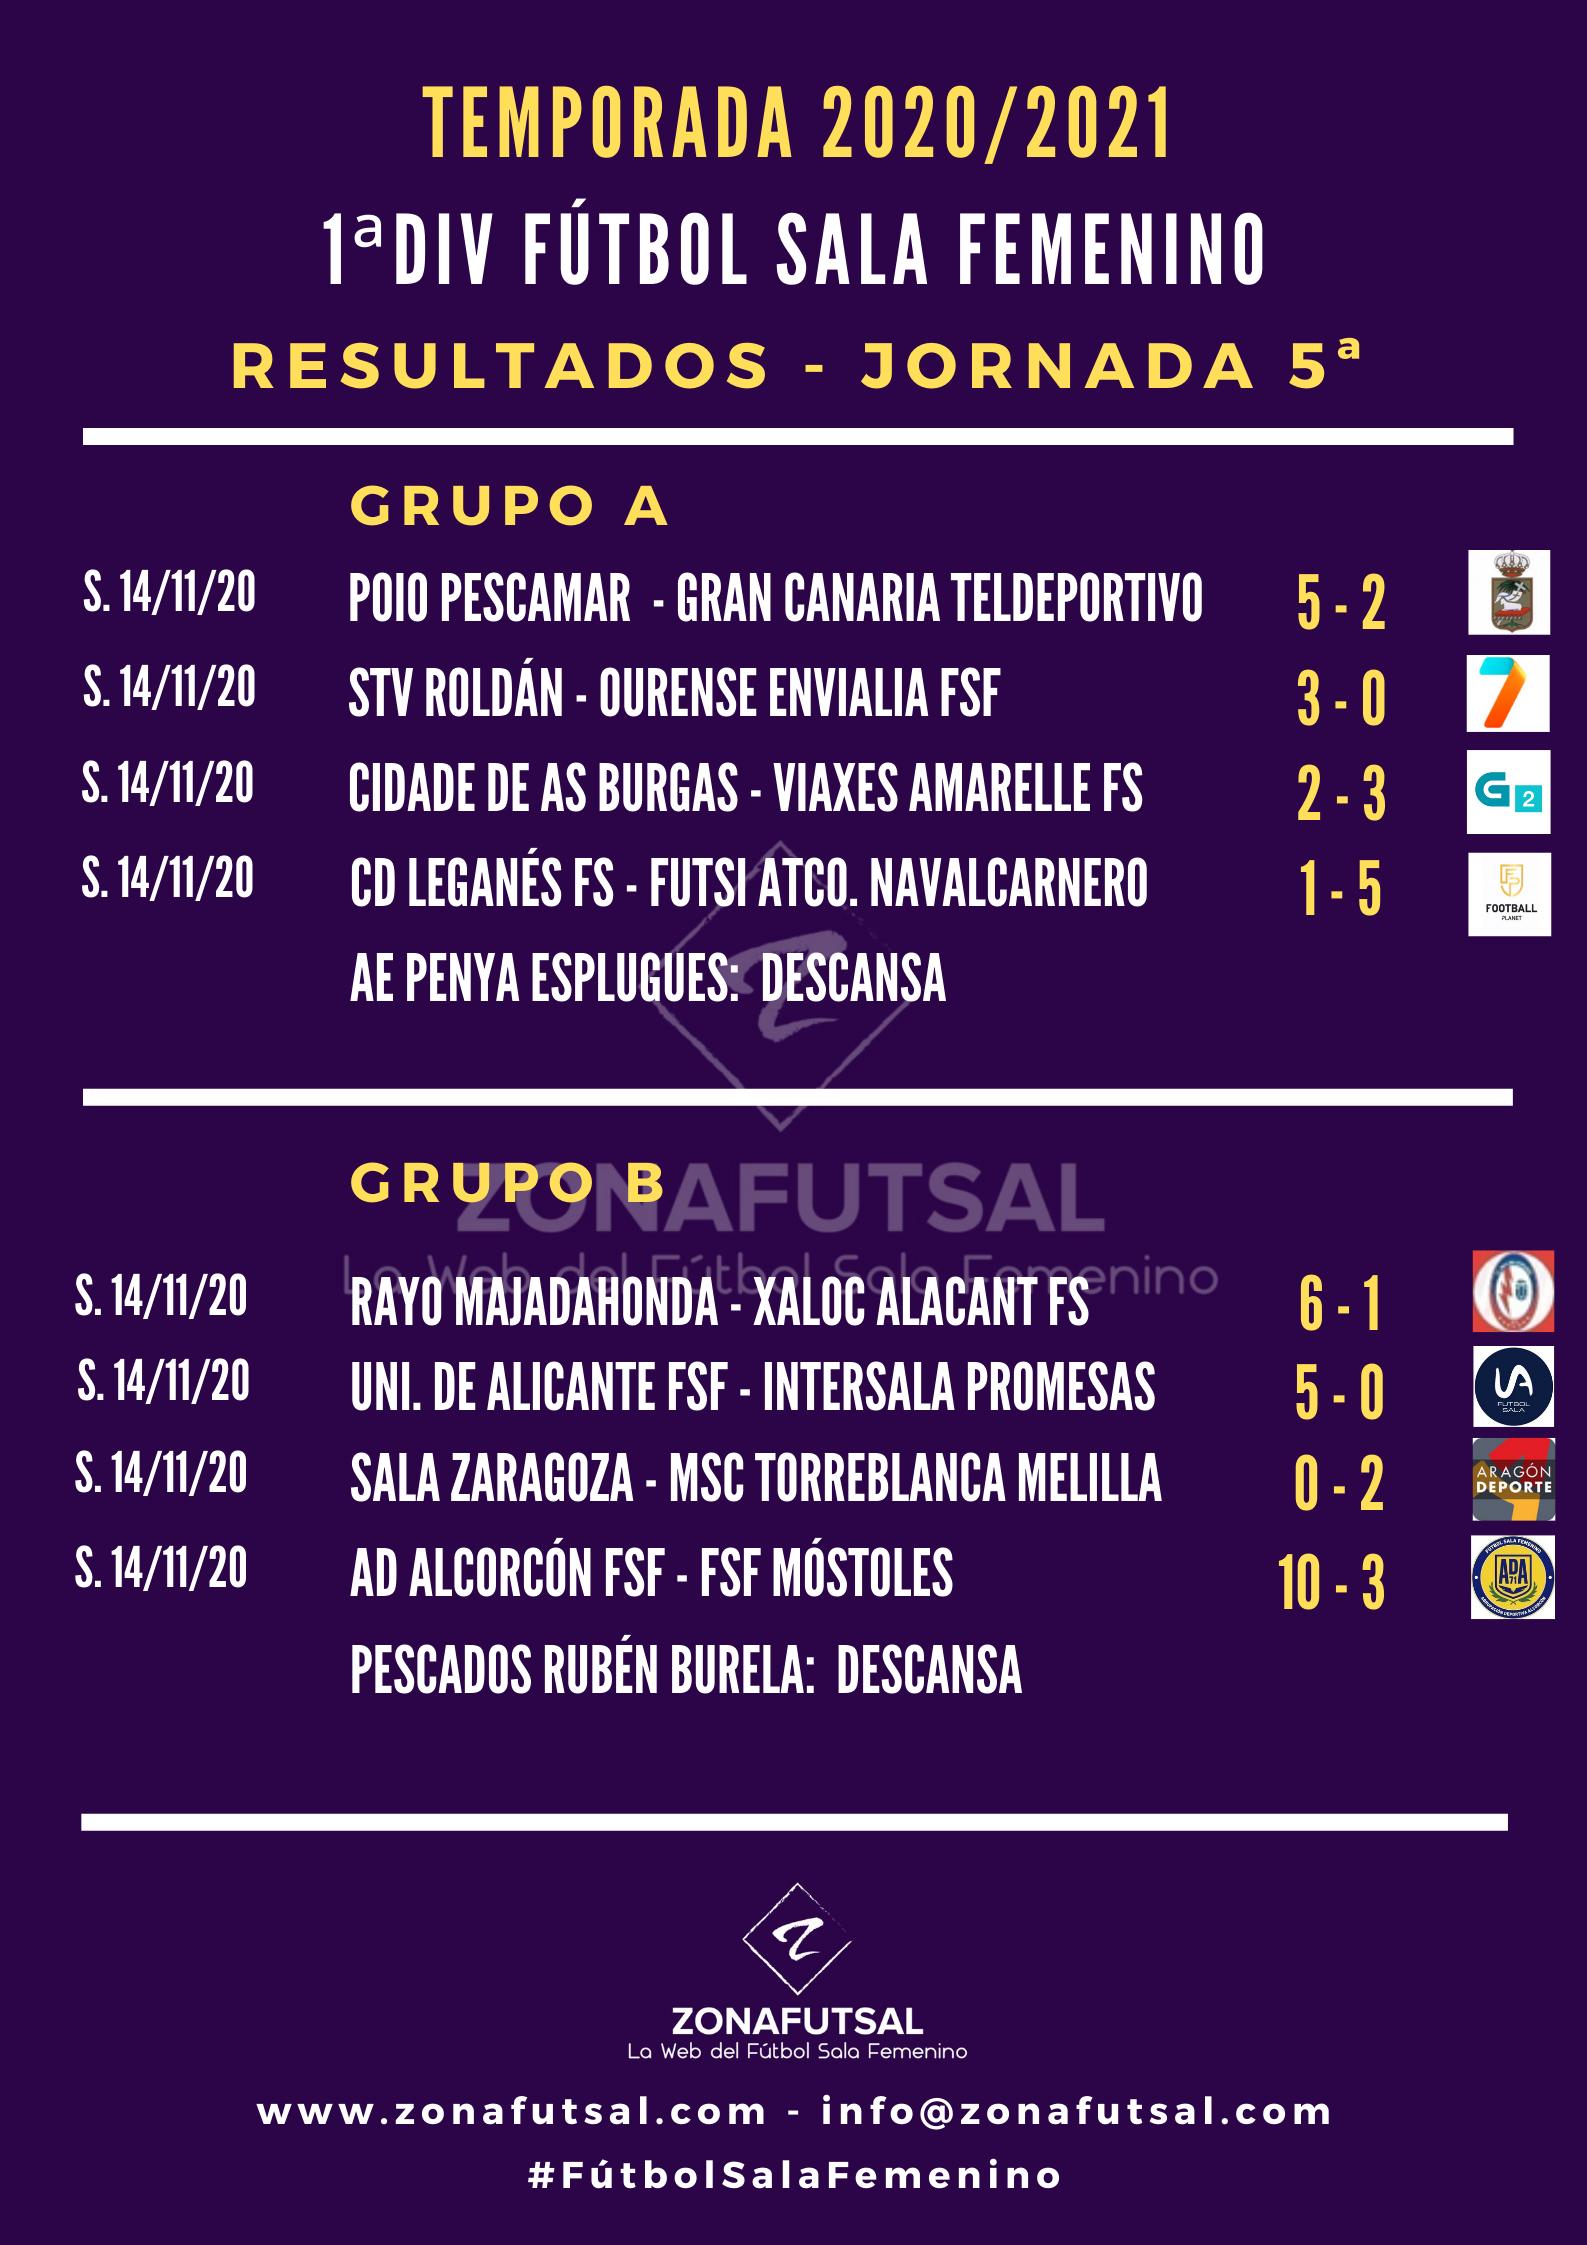 Resultados de 1ª División de Fútbol Sala Femenino - Jornada 5ª